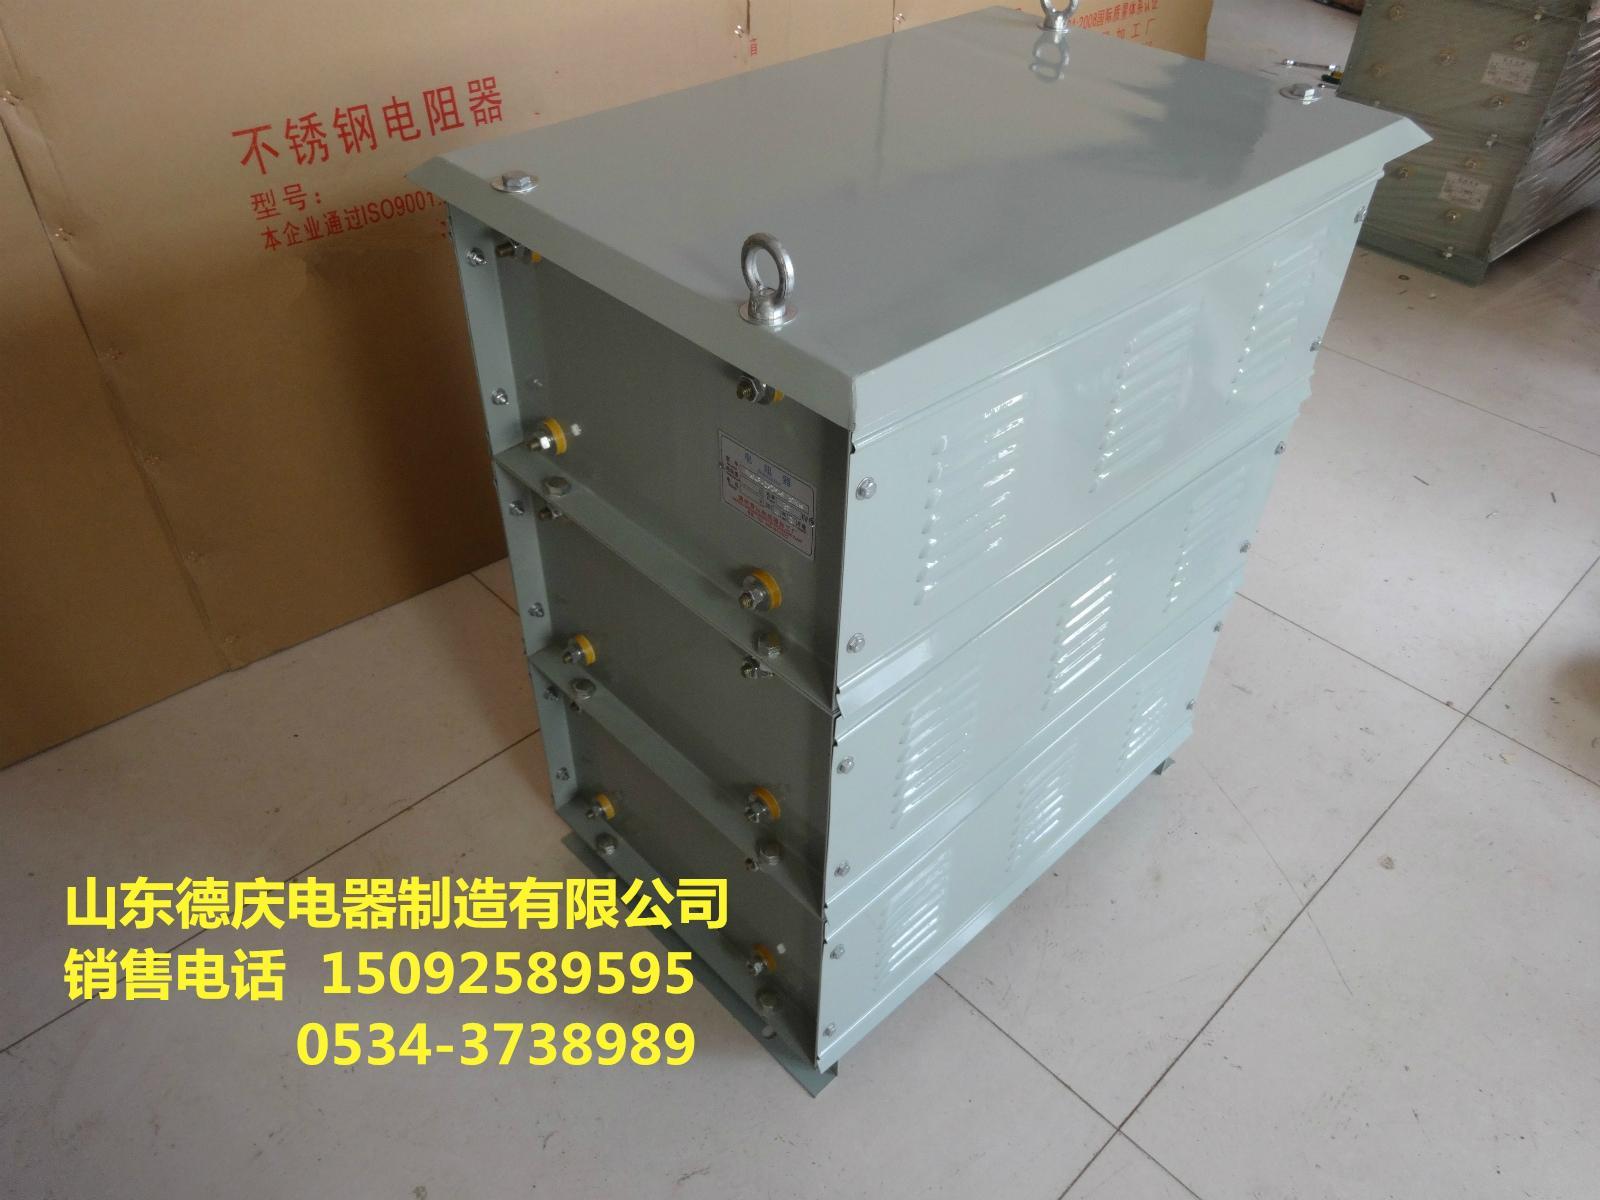 起动调整电阻器不锈钢电阻器 1